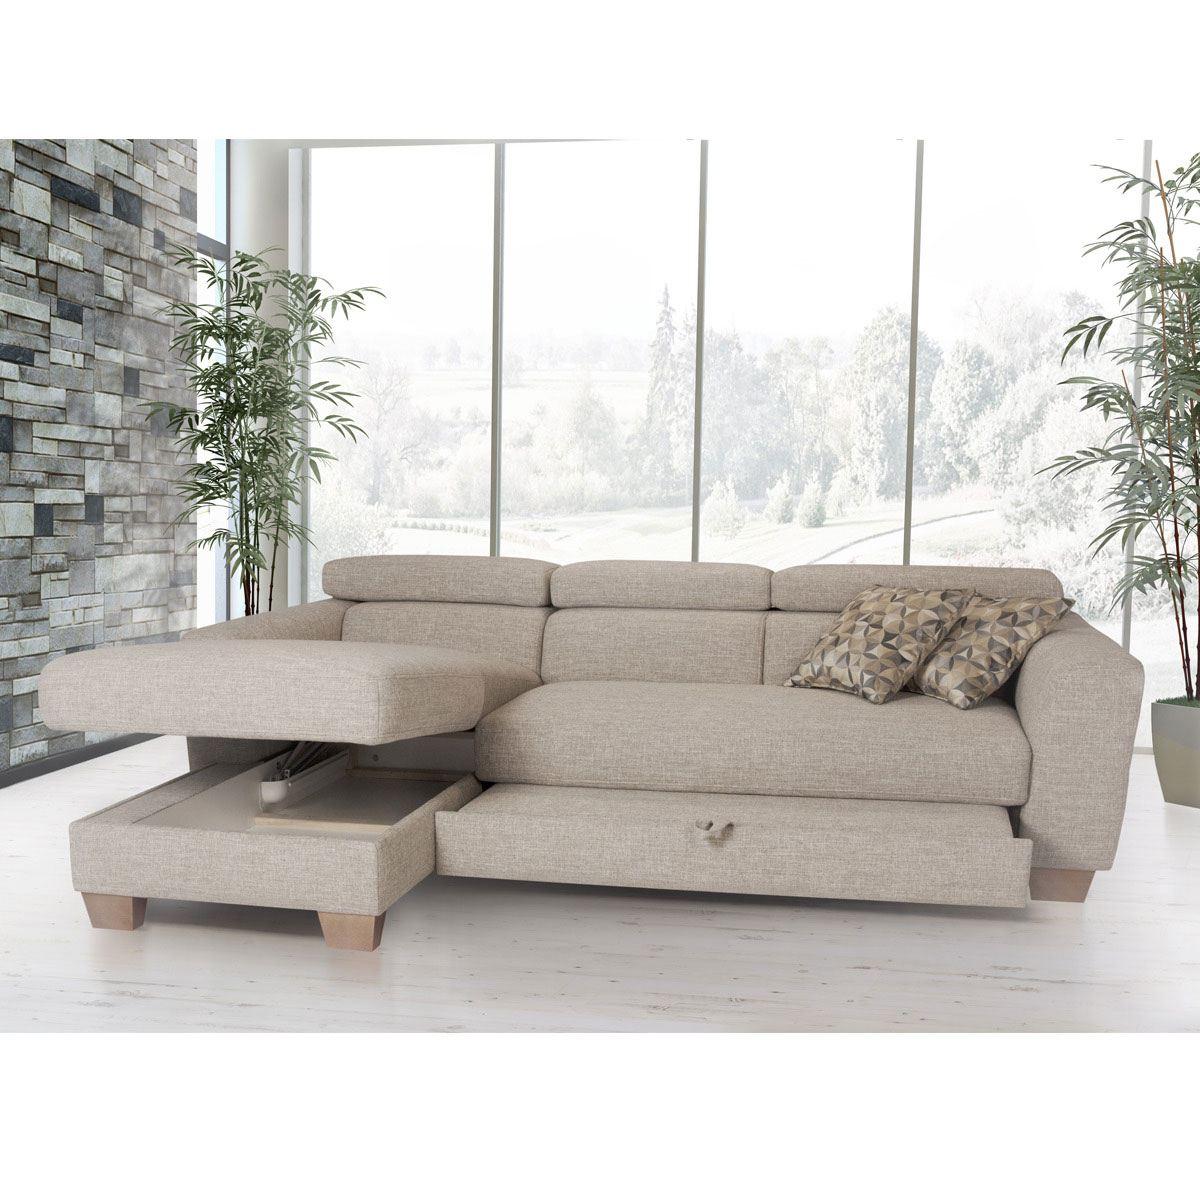 Schlafsofa Stockholm mit großer Liegefläche Bezugfarbe grau-beige